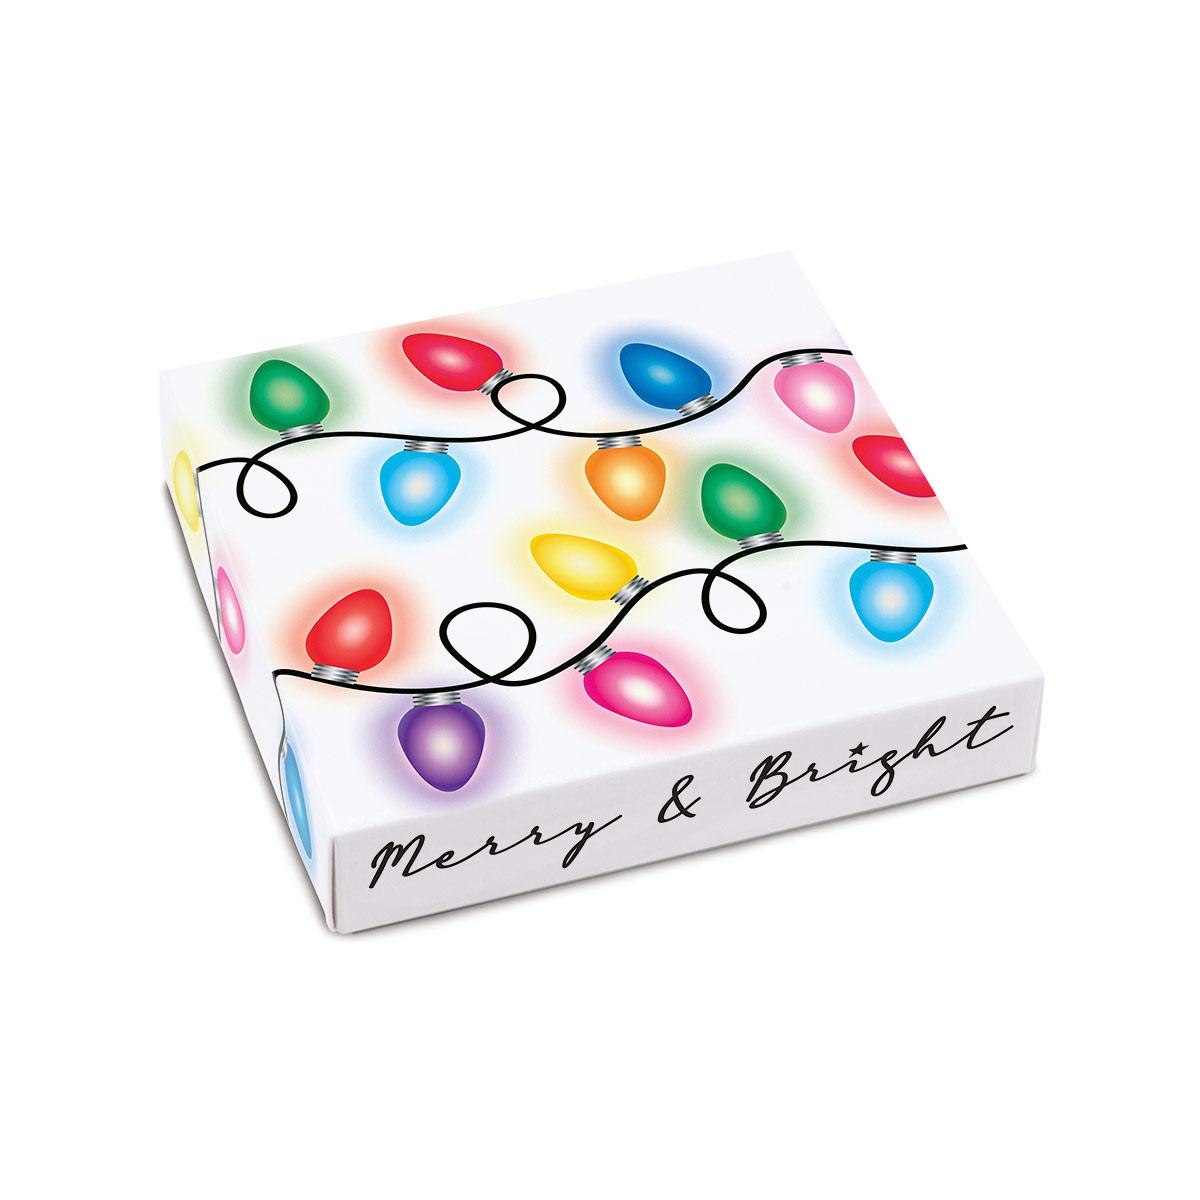 merryandbrightGiftBox